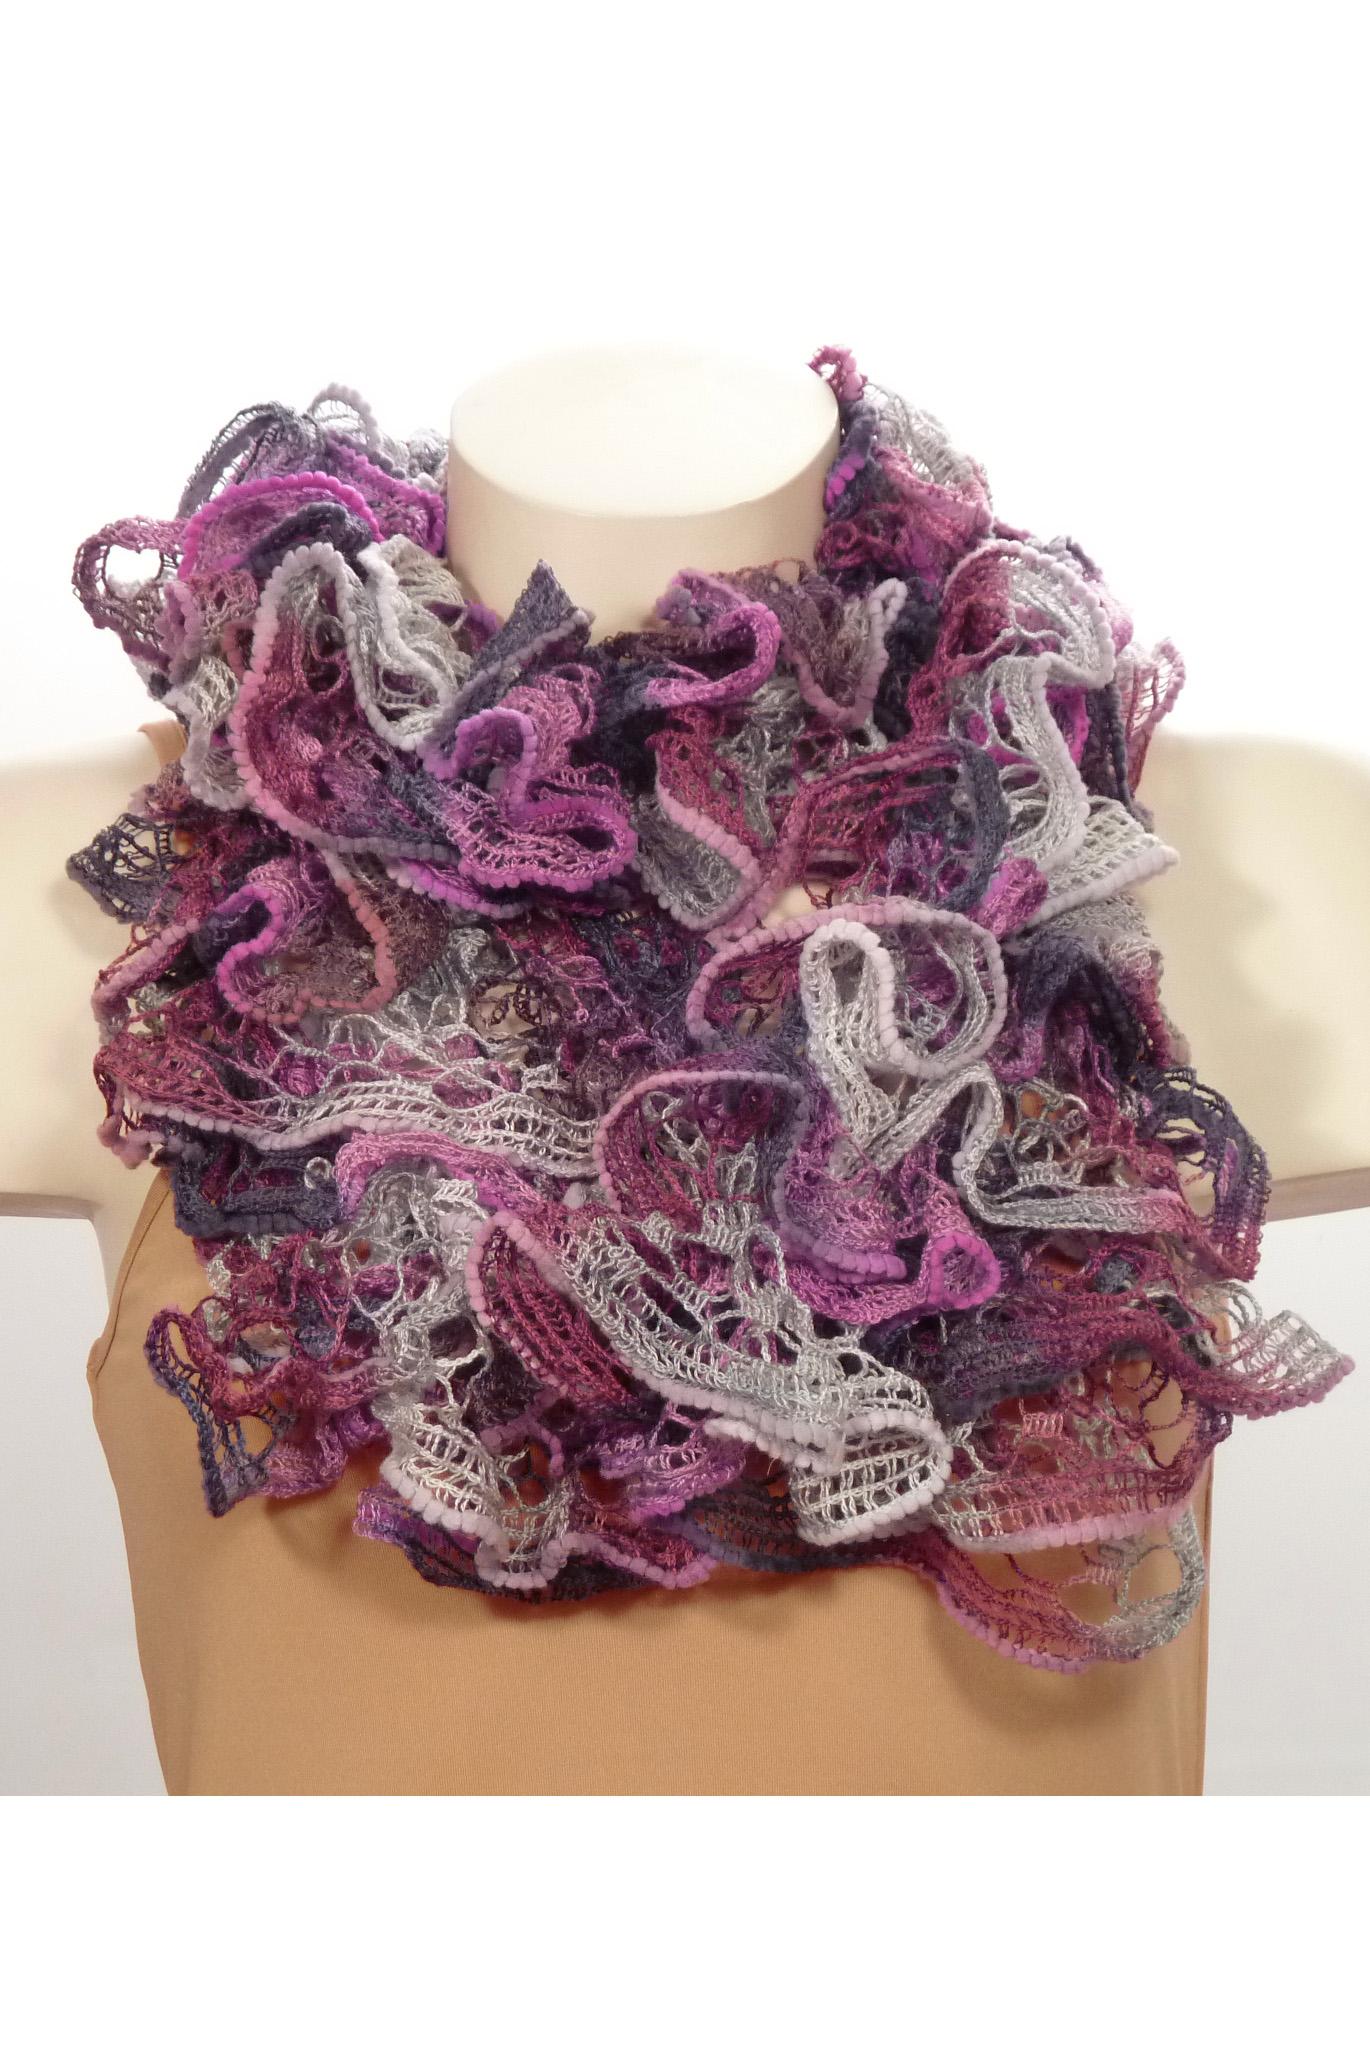 ШарфШарфы<br>Вязанный шарф придаст вашему образу романтичности. Этот удобный длинный кружевной шарф вяжут оригинальным узором,  который позволяет создать эффектные воланы.  Длина шарфа 1,5 метра.  В изделии использованы цвета: фиолетовый, сиреневый и др.<br><br>По сезону: Зима<br>Размер : UNI<br>Материал: Вязаное полотно<br>Количество в наличии: 3